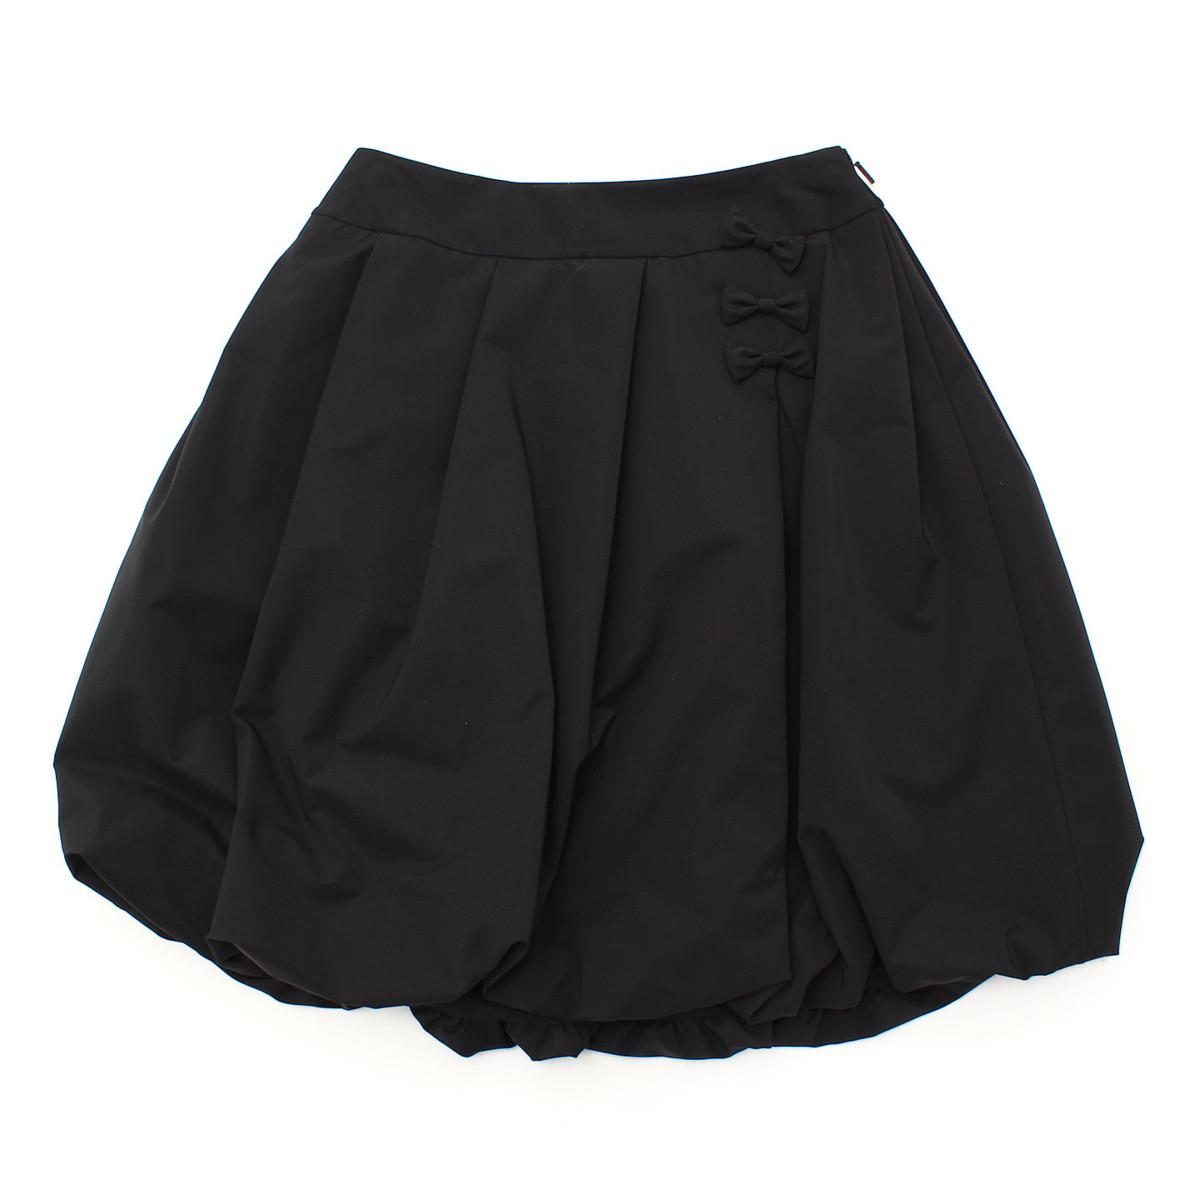 【ルネ】Rene リボン バルーンスカート 6314330 ブラック 36 【中古】【鑑定済・正規品保証】【送料無料】25079